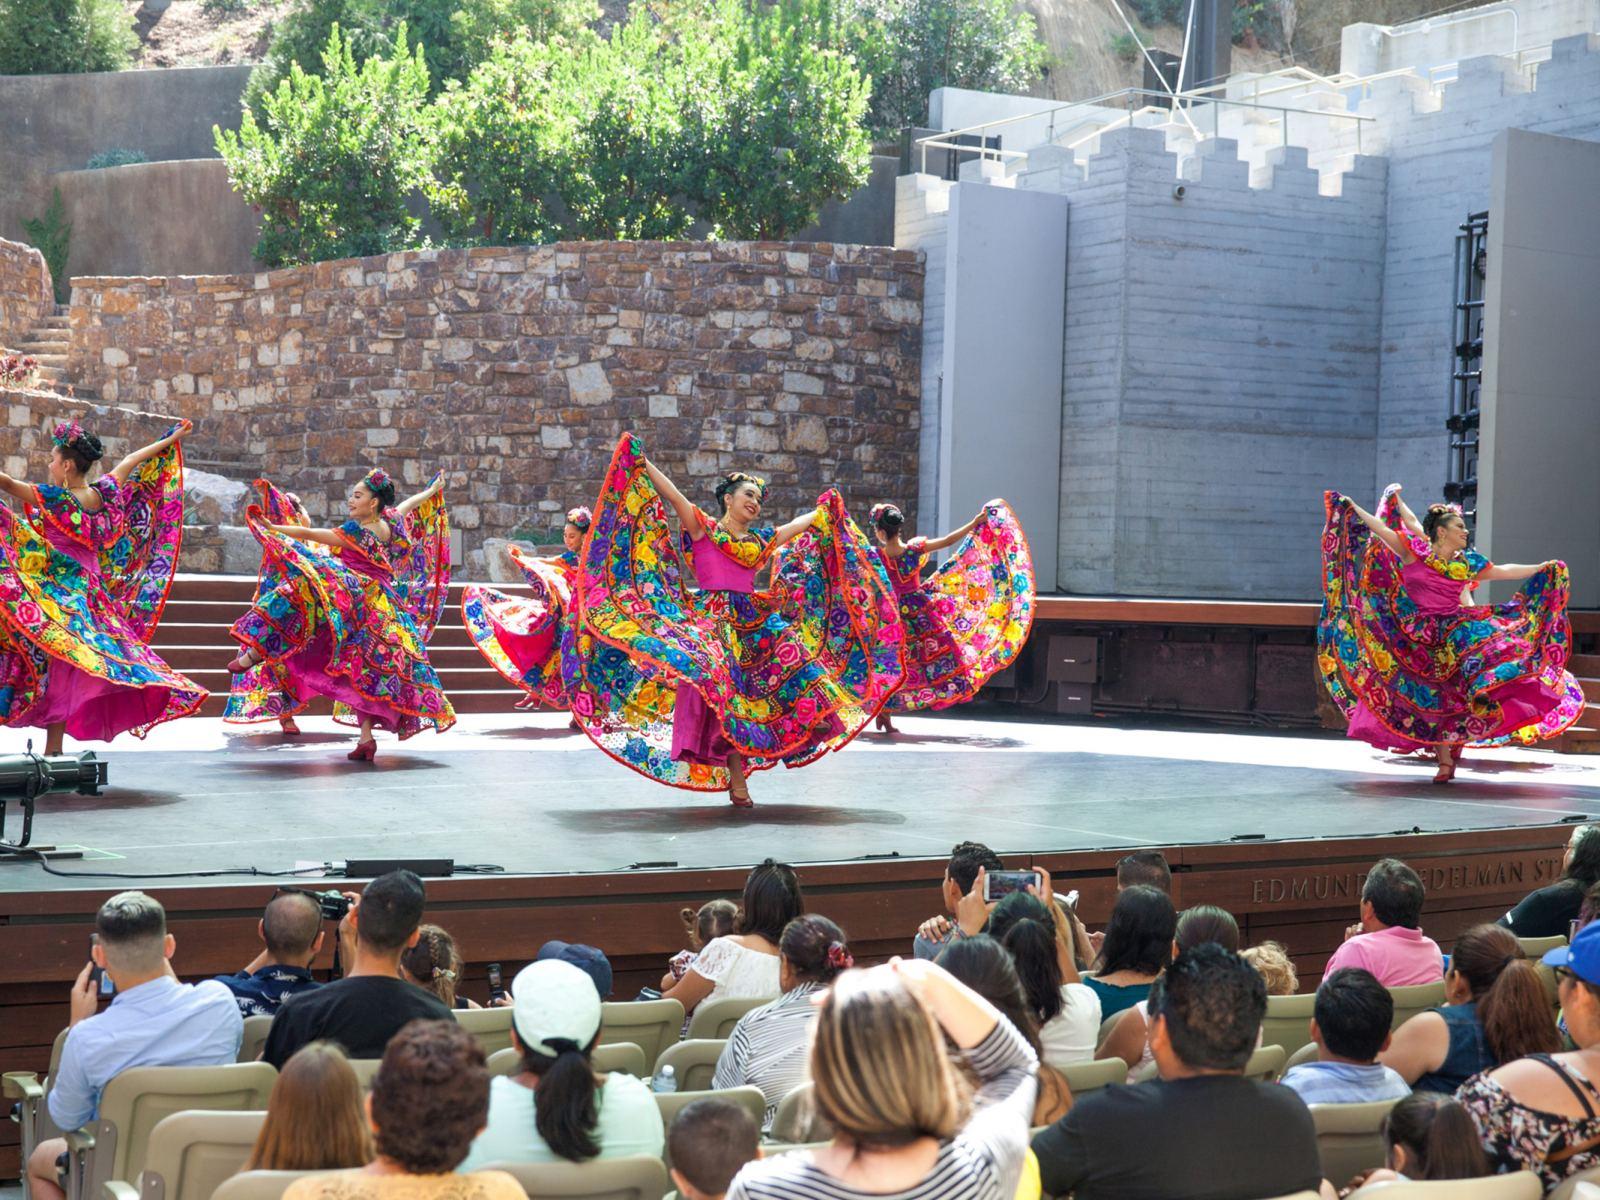 Grandeza-Mexicana-by-Gennia-Cui-1920x1440